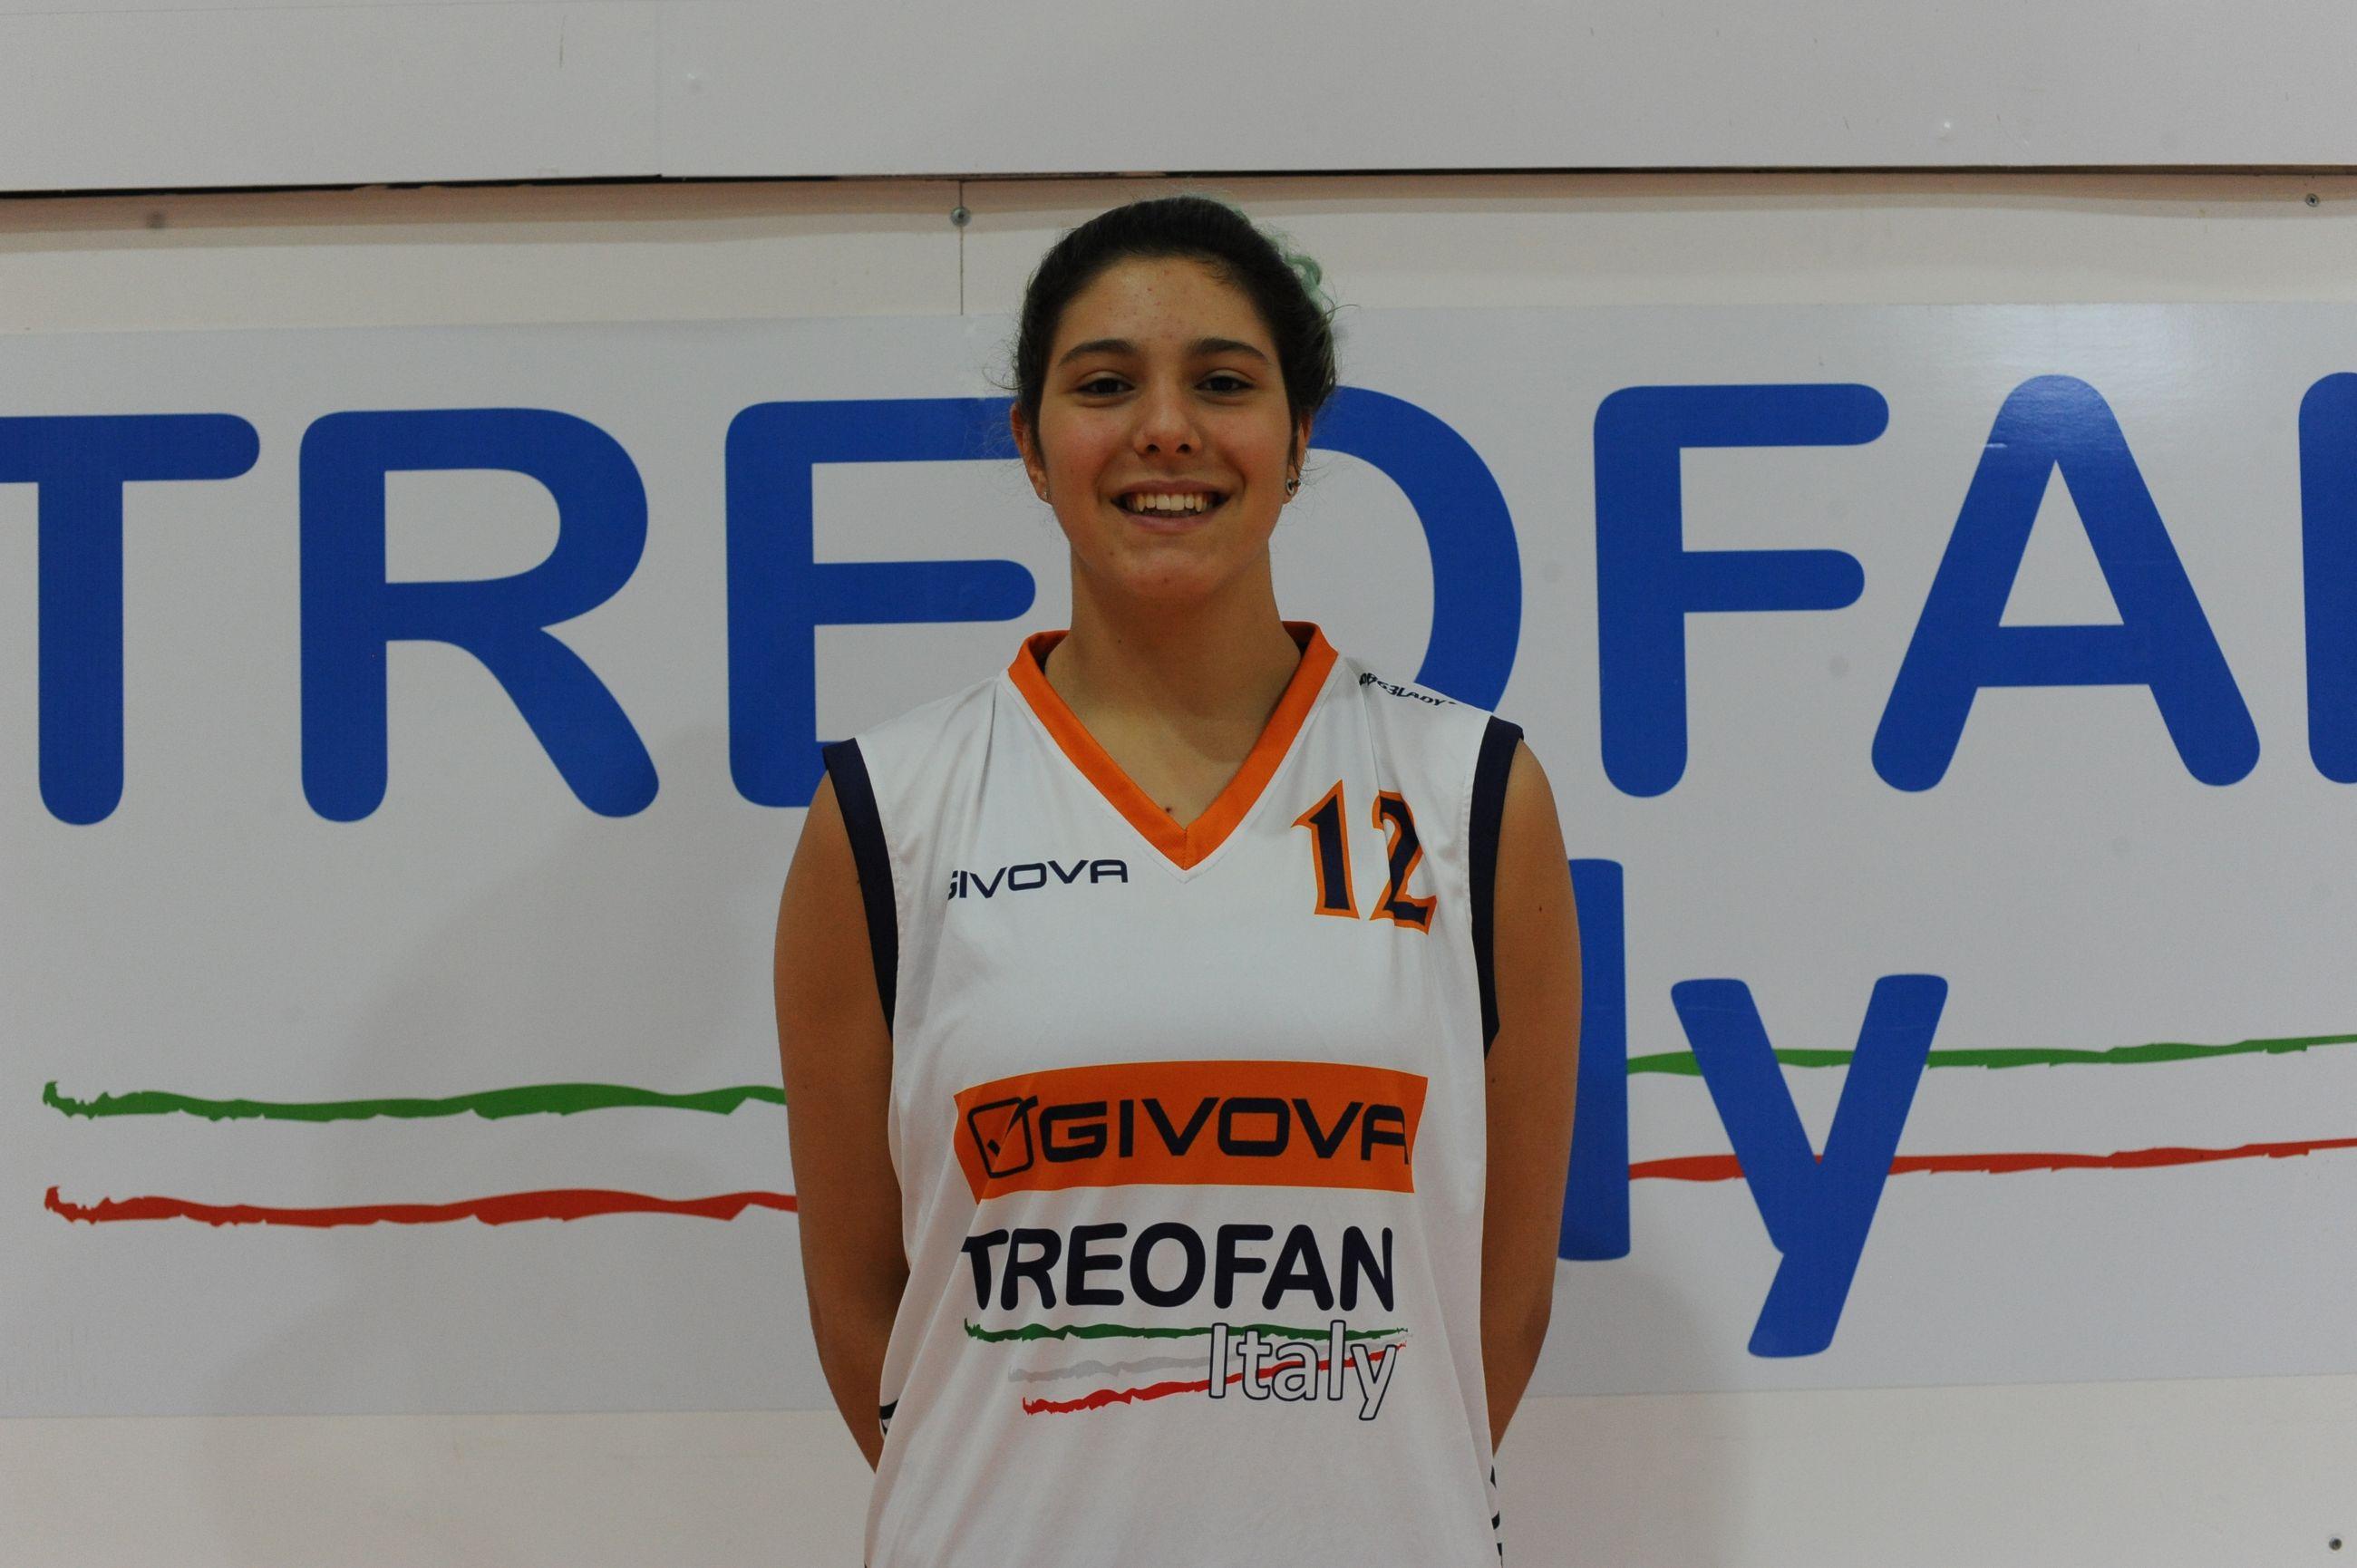 Valeria Trucco